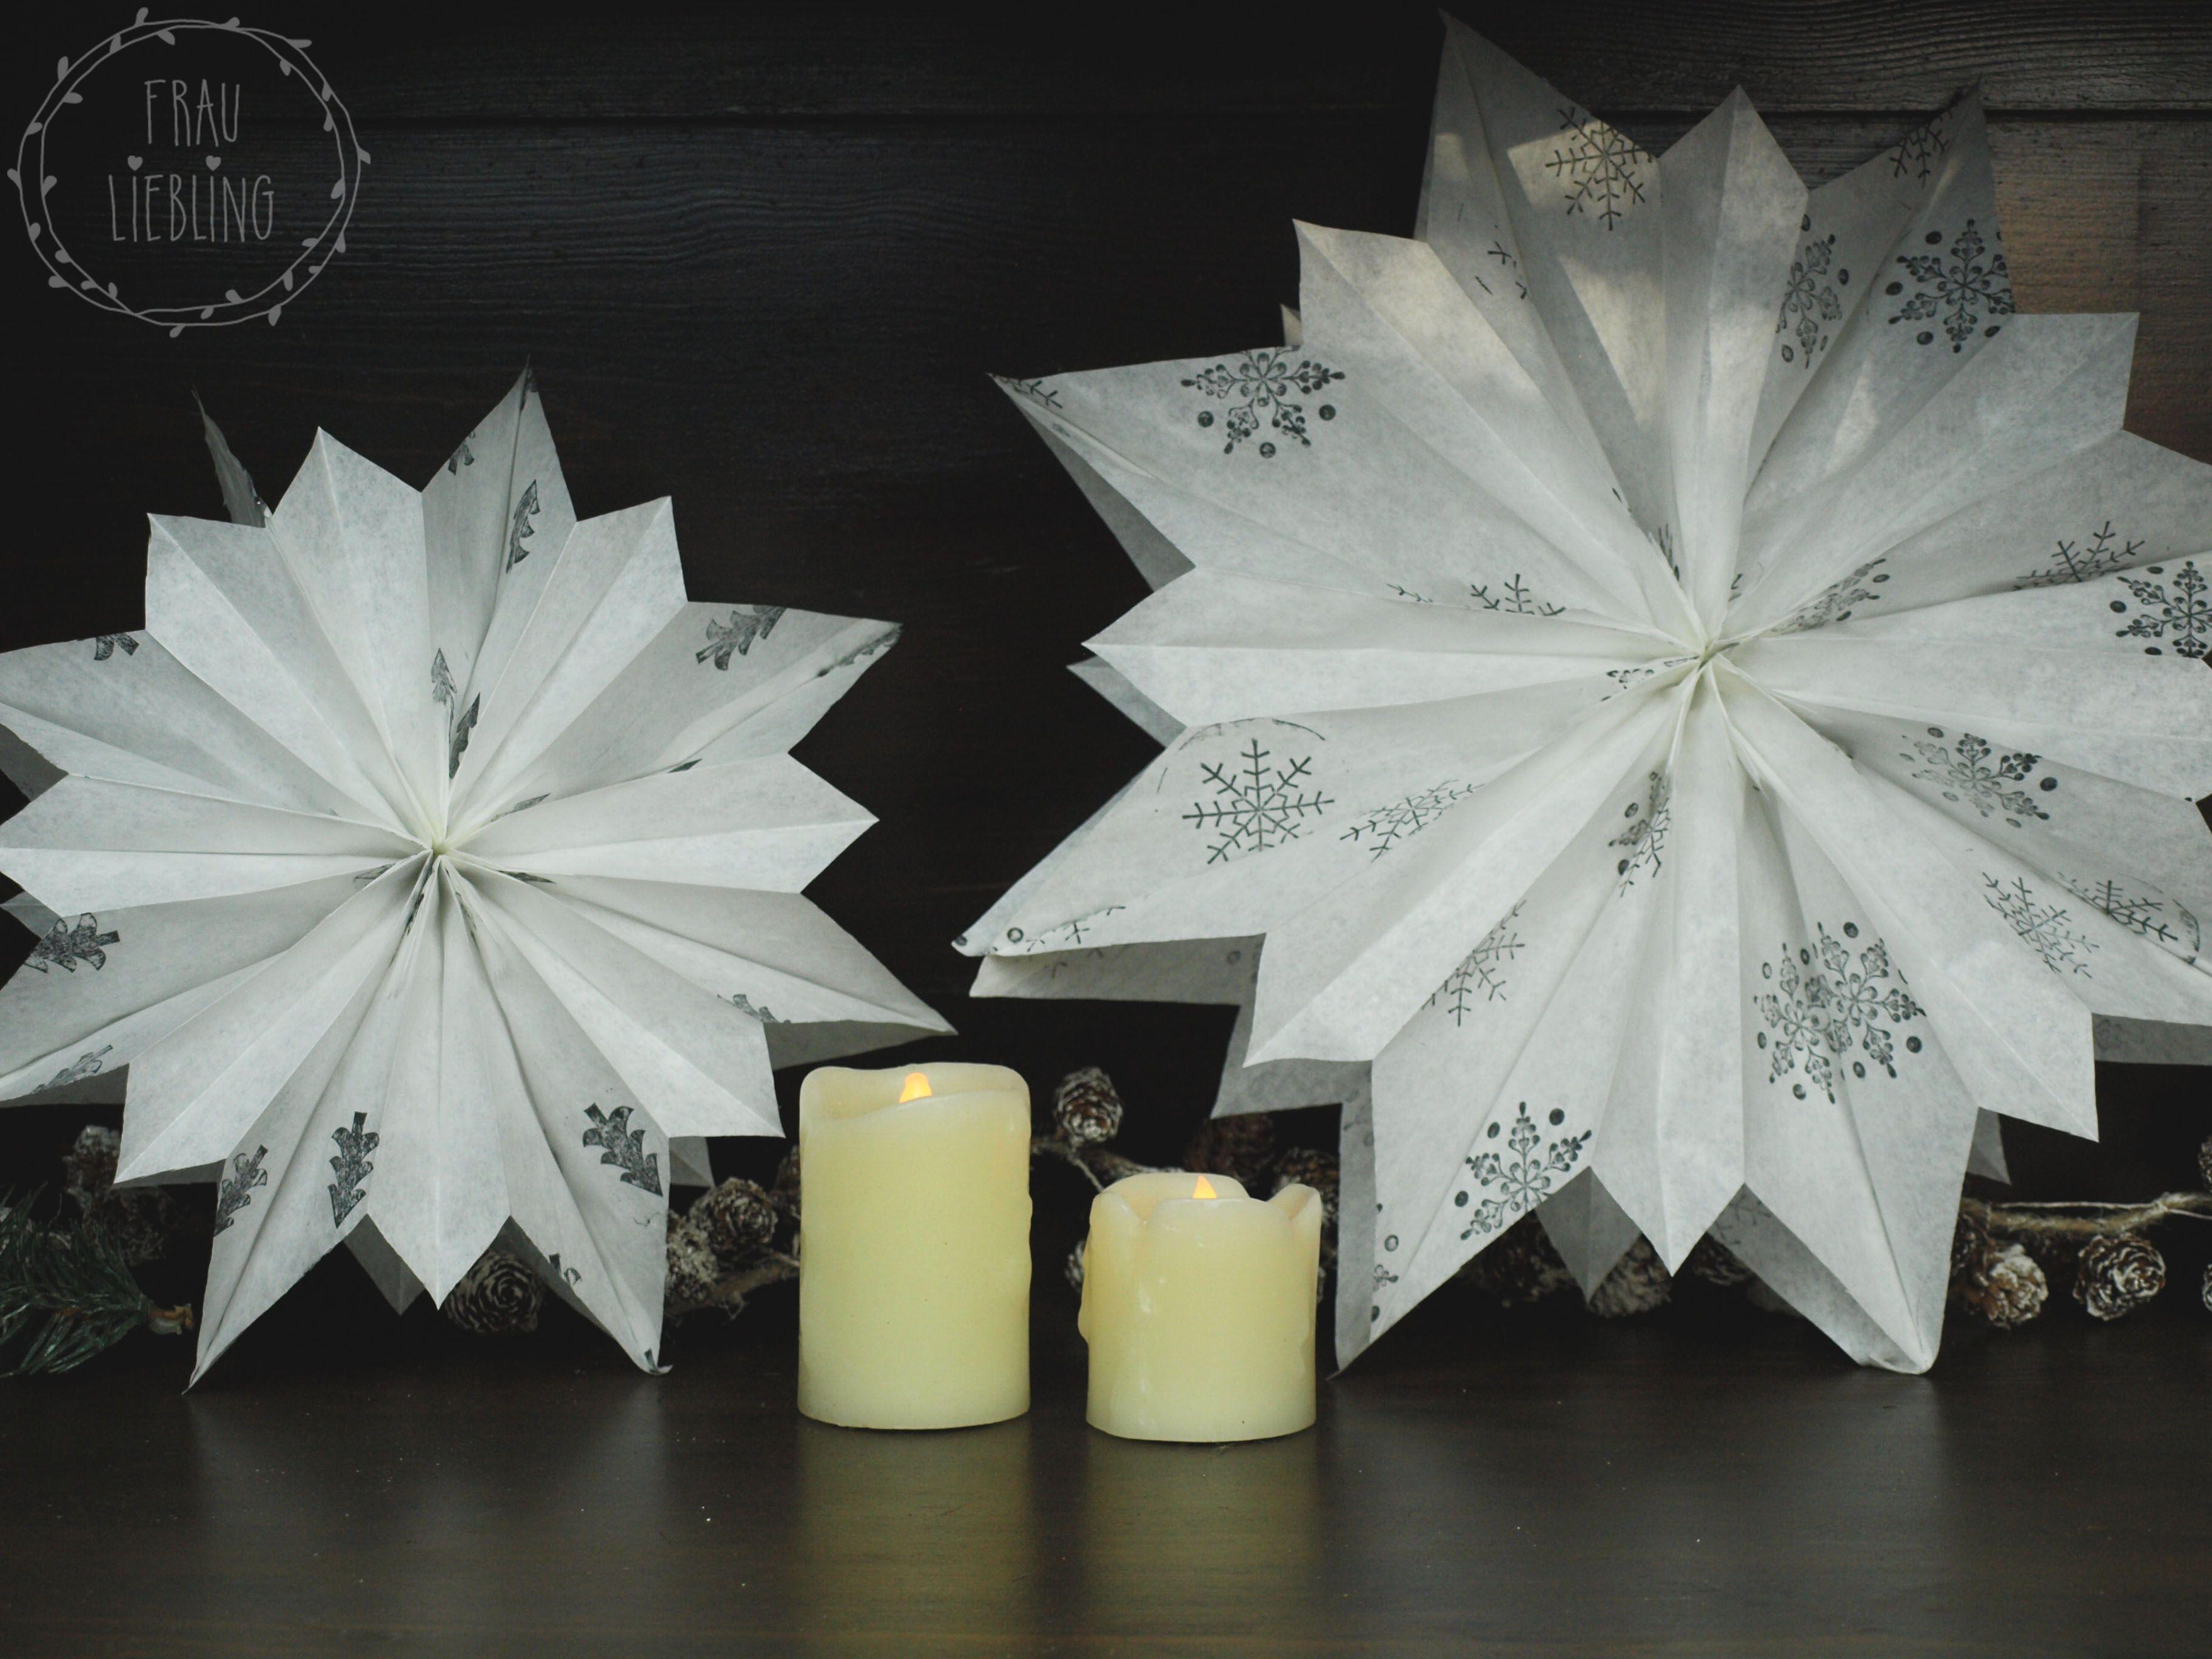 diy weihnachtsstern aus papiertten - Diy Weihnachtsdeko Blog